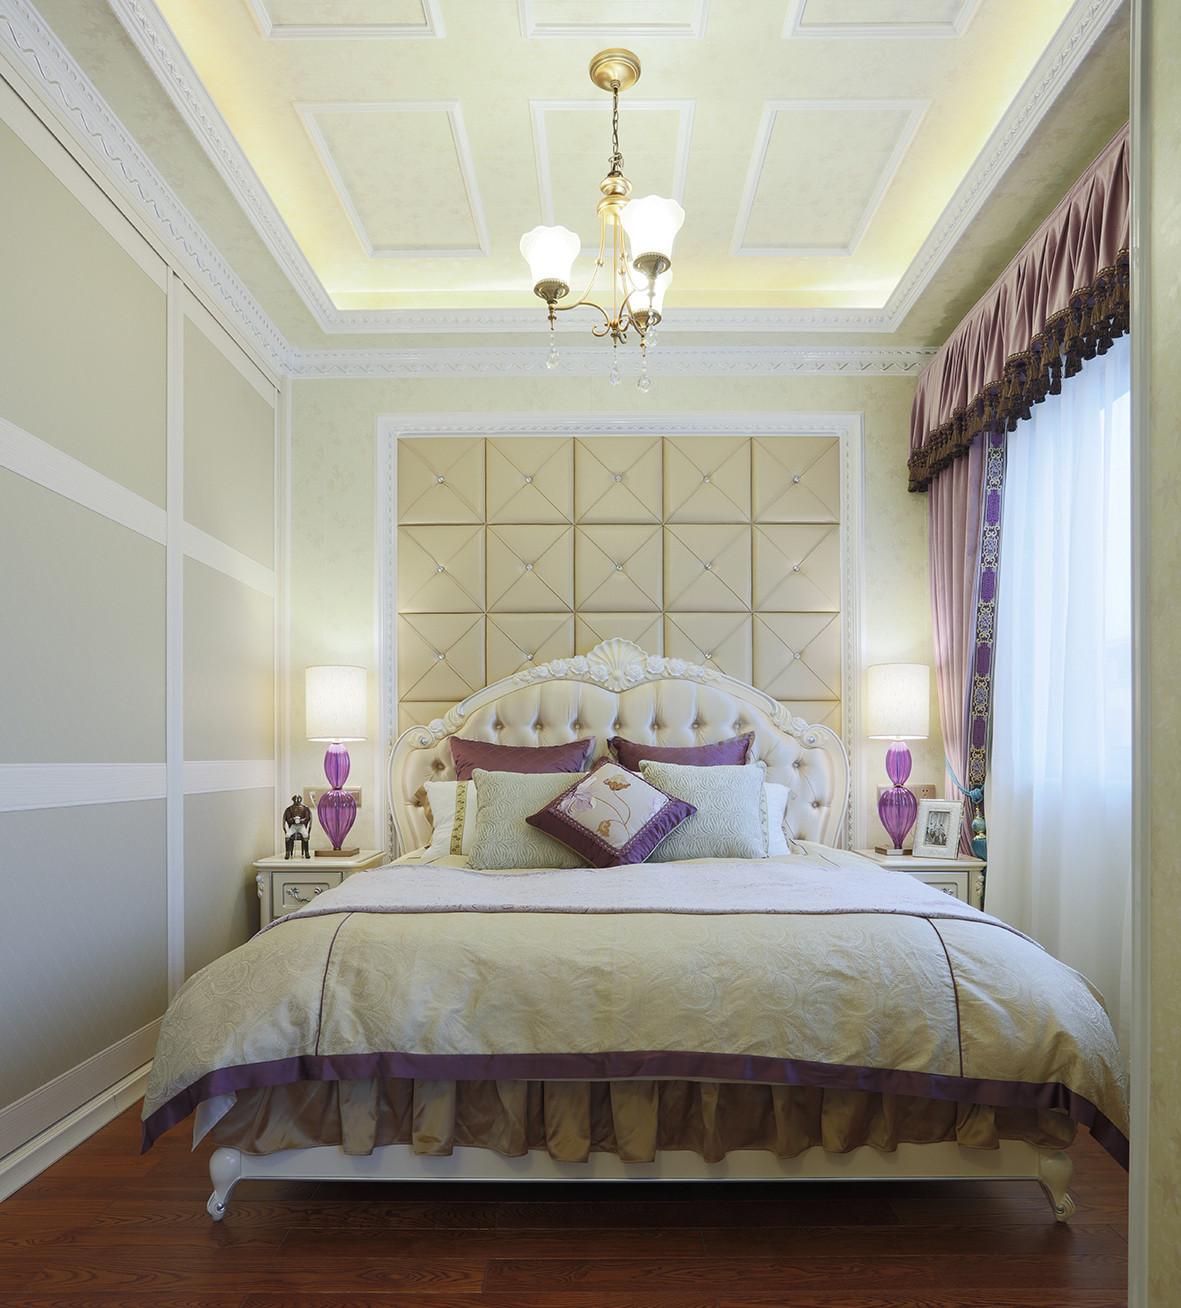 法式复式装修卧室设计图